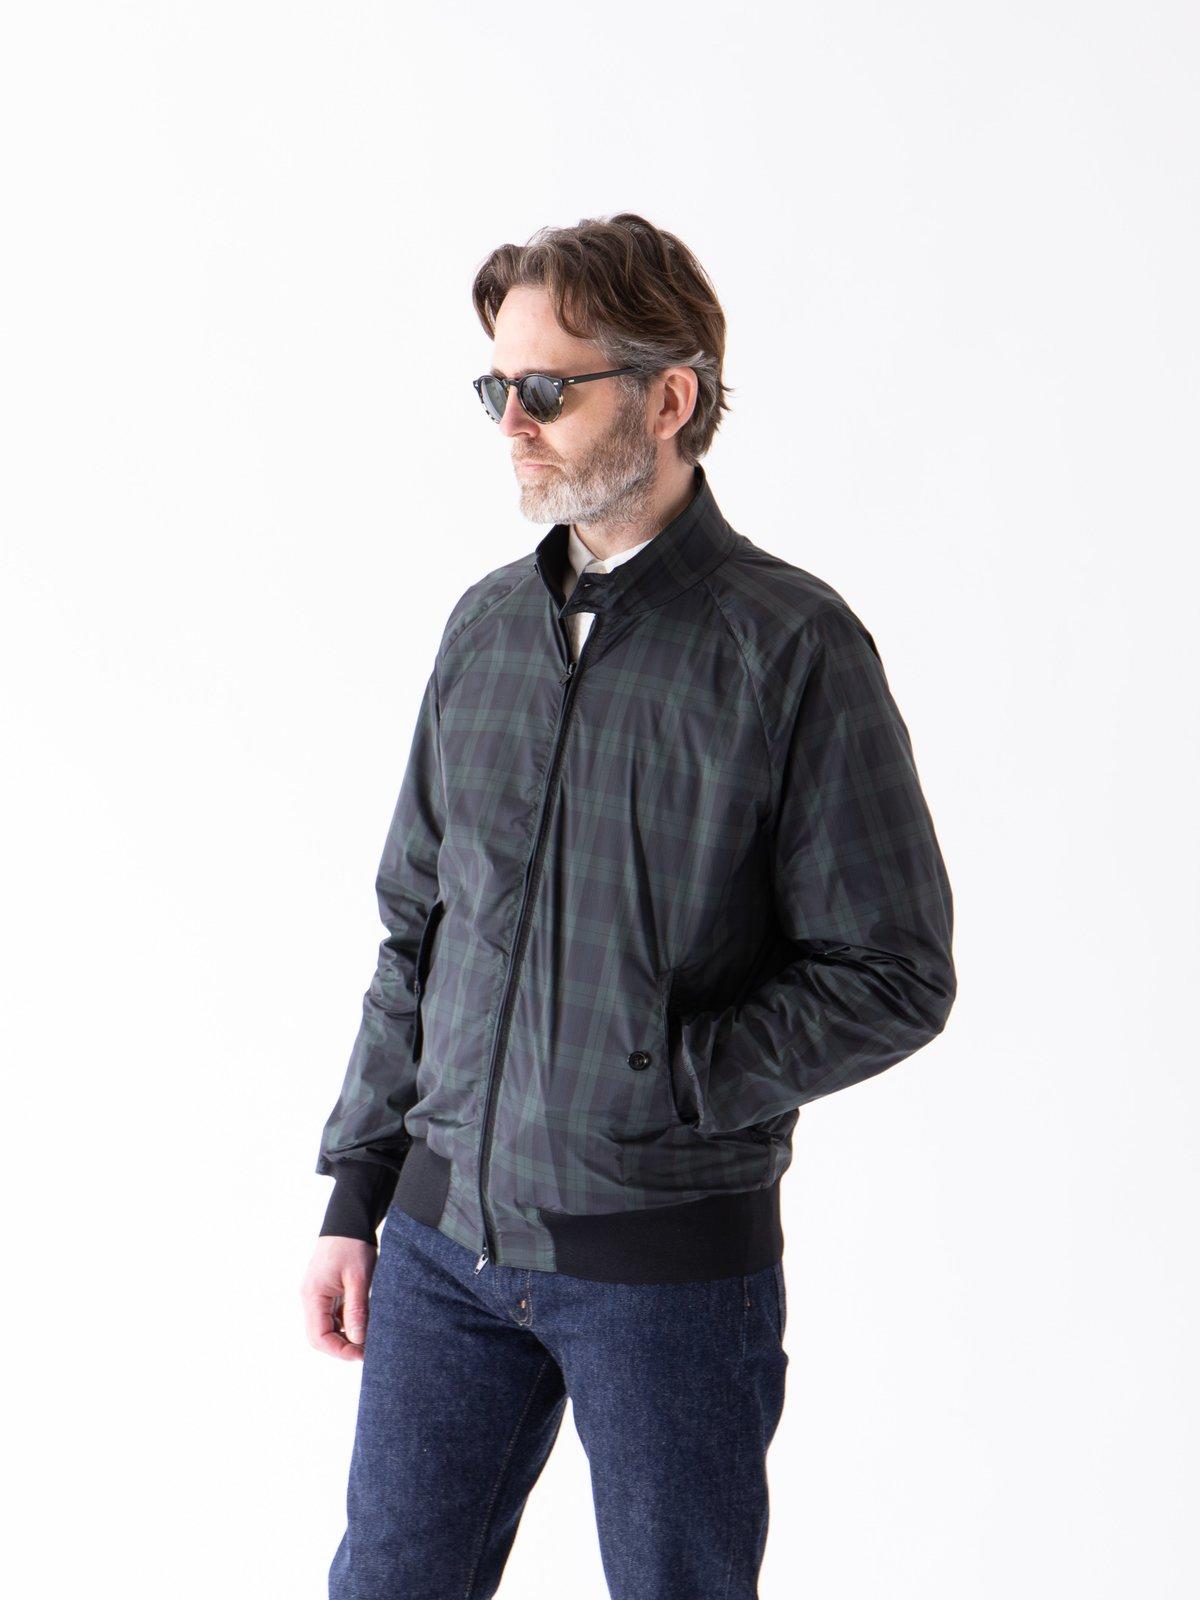 Blackwatch G9 EG Jacket - Image 2